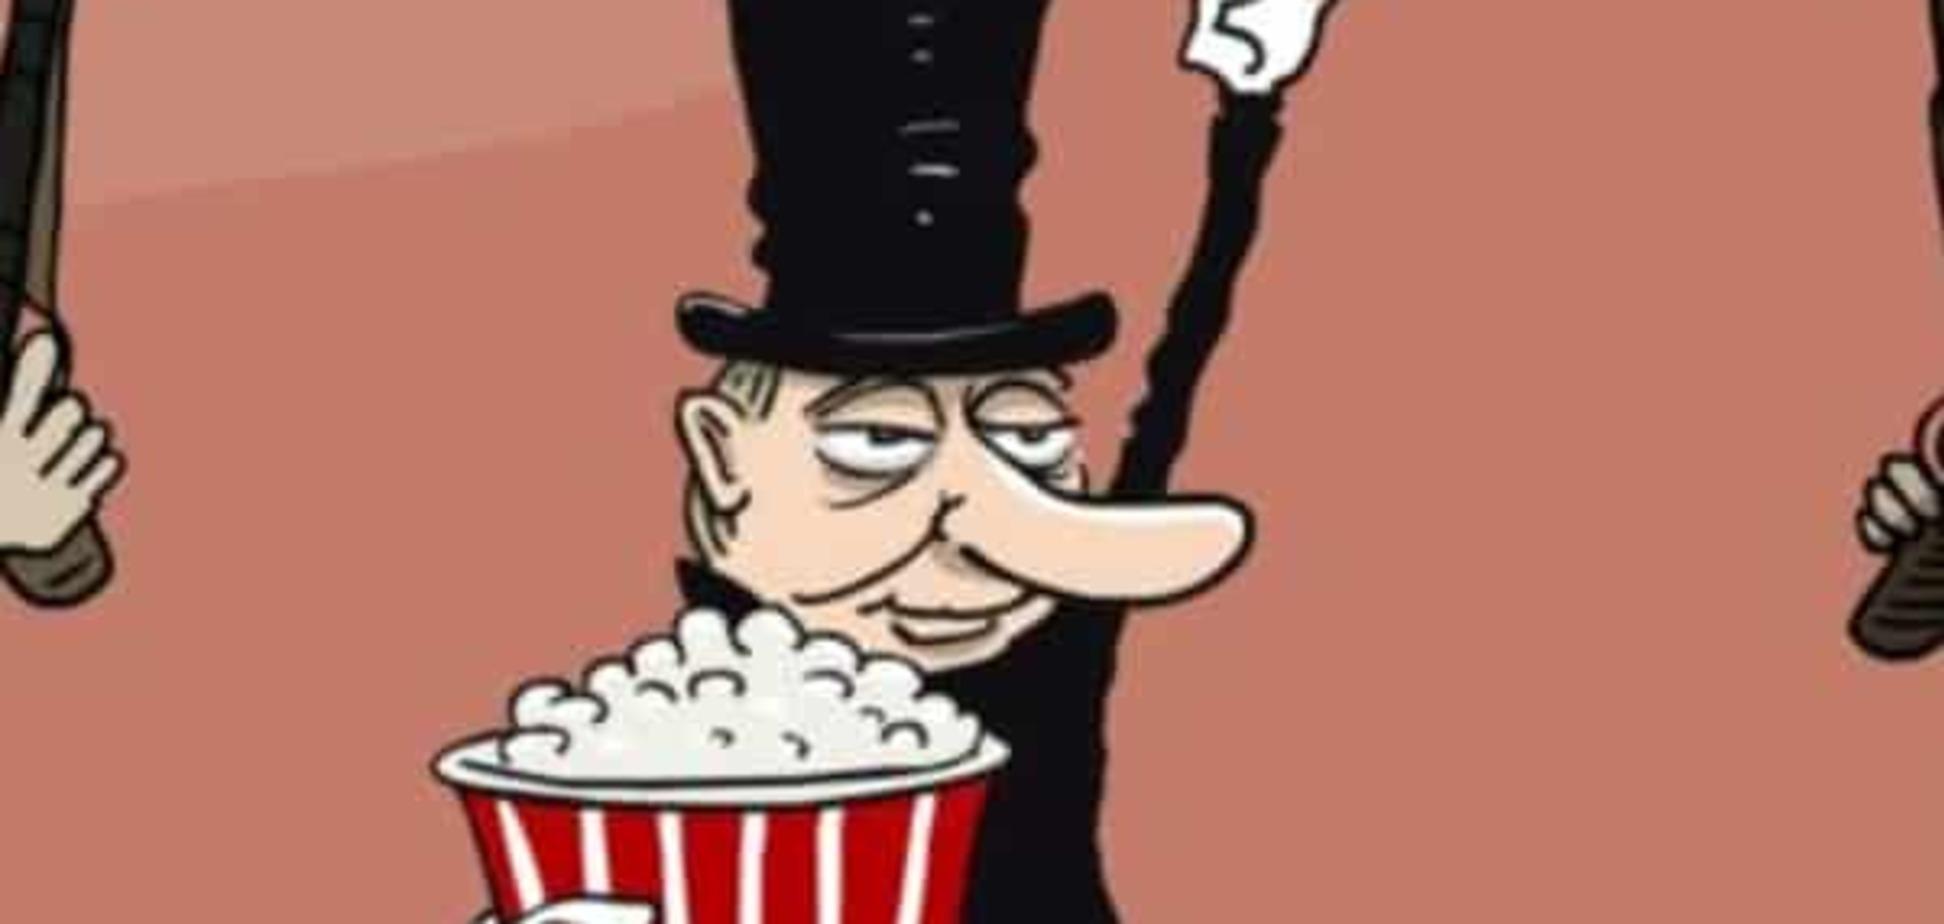 'Посредник': карикатурист высмеял Путина за попытки влезть между Саудовской Аравией и Ираном